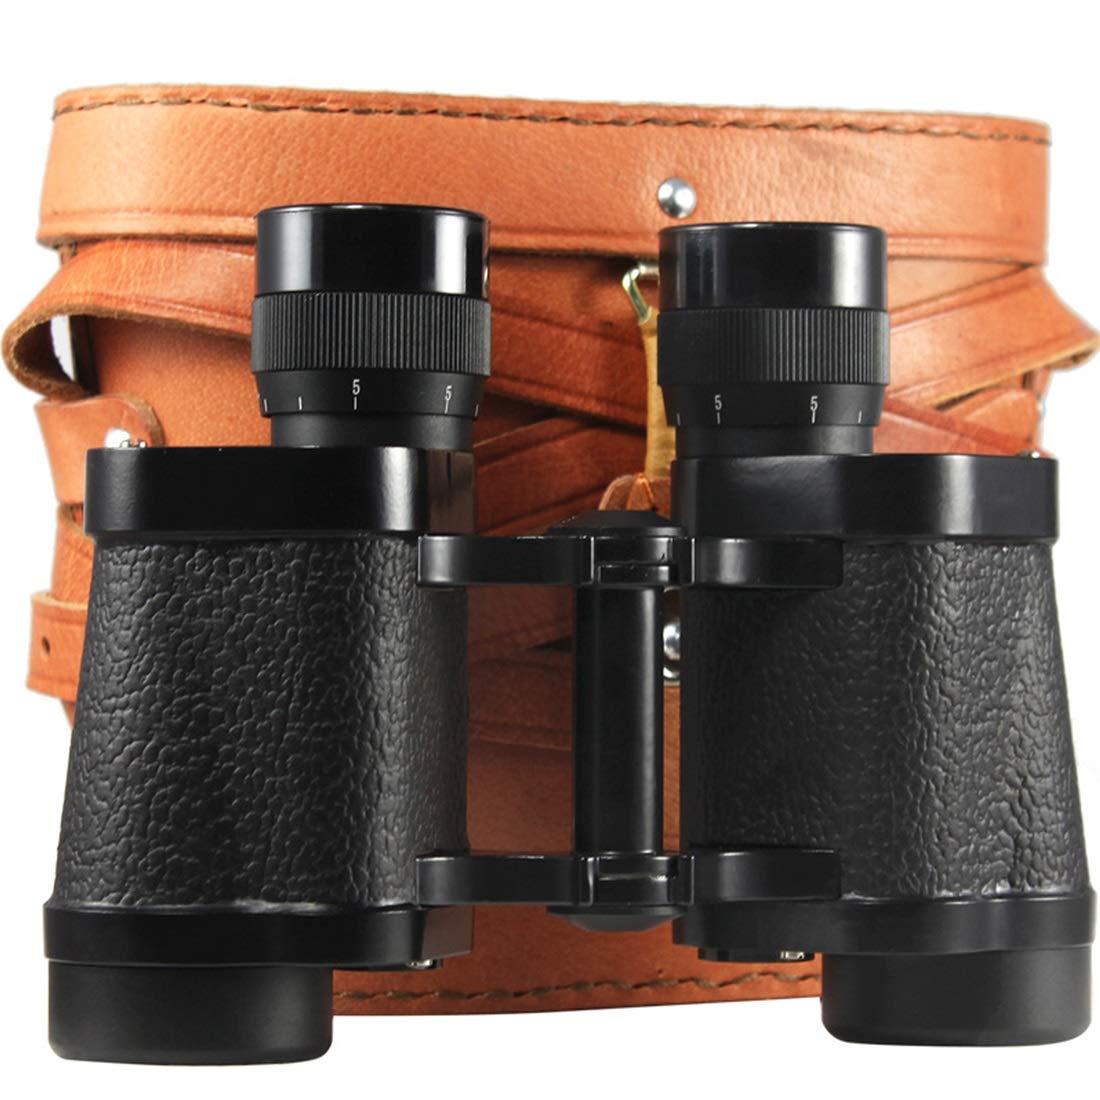 経典 Magaa 大人のための8x30メタル双眼鏡コンパクト、双眼鏡バードウォッチング旅行のために、BAK4プリズムFMCレンズCarringバッグと星の凝視とコンサート (Color : Magaa ブラック) ブラック) ブラック : B07JQG6GL1, 椎葉村:0aa2157c --- a0267596.xsph.ru